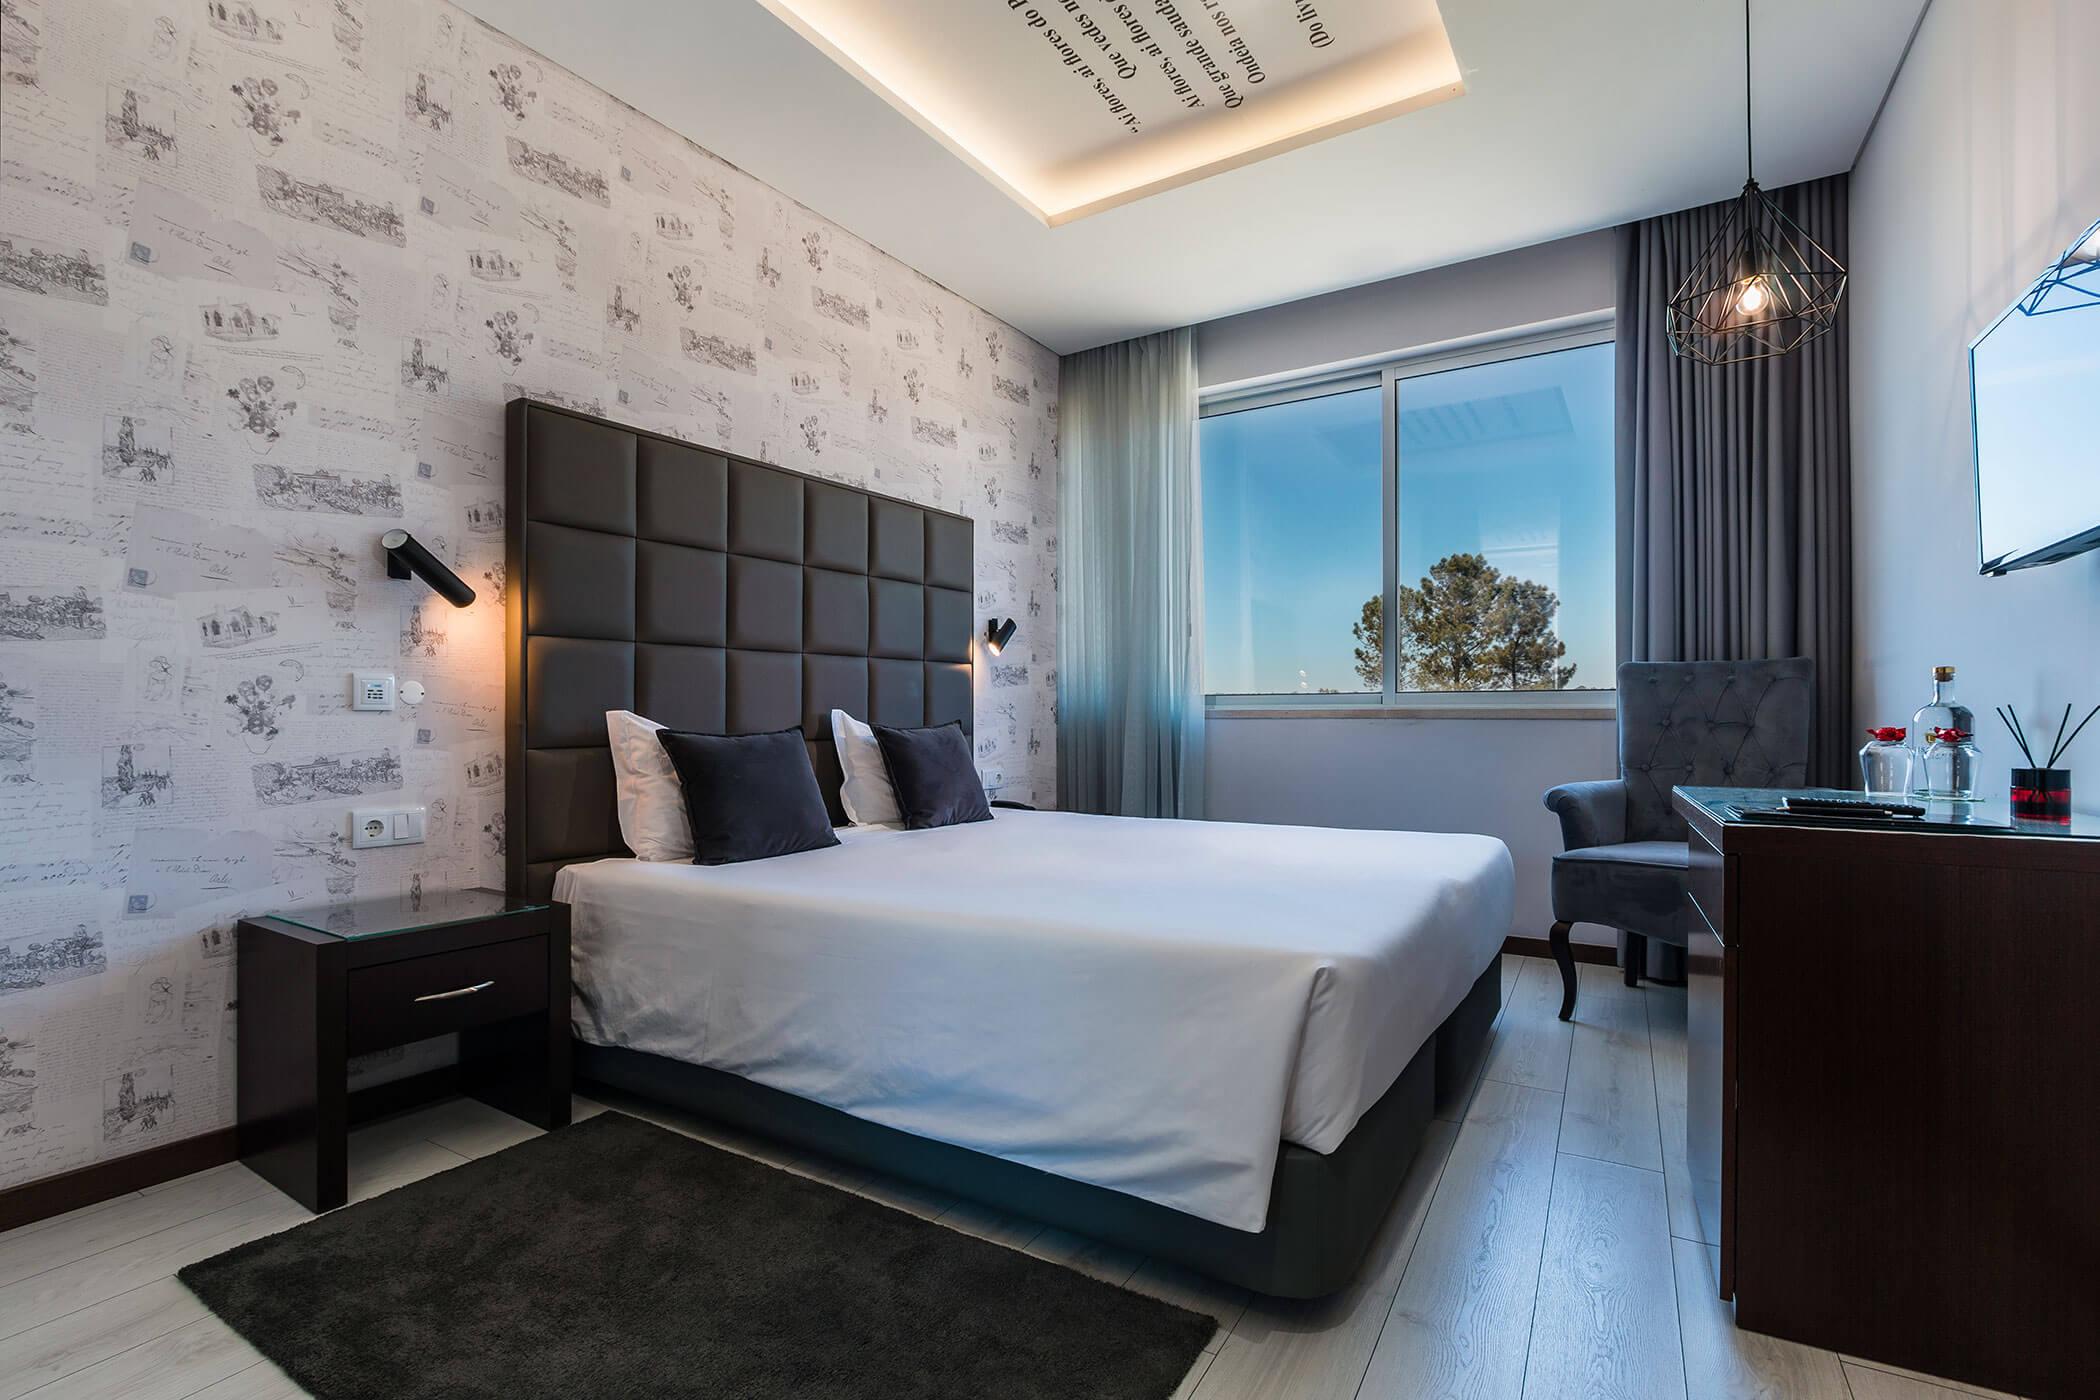 Standard Room Escritores de Leiria - Lisotel Hotel and Spa, Leiria